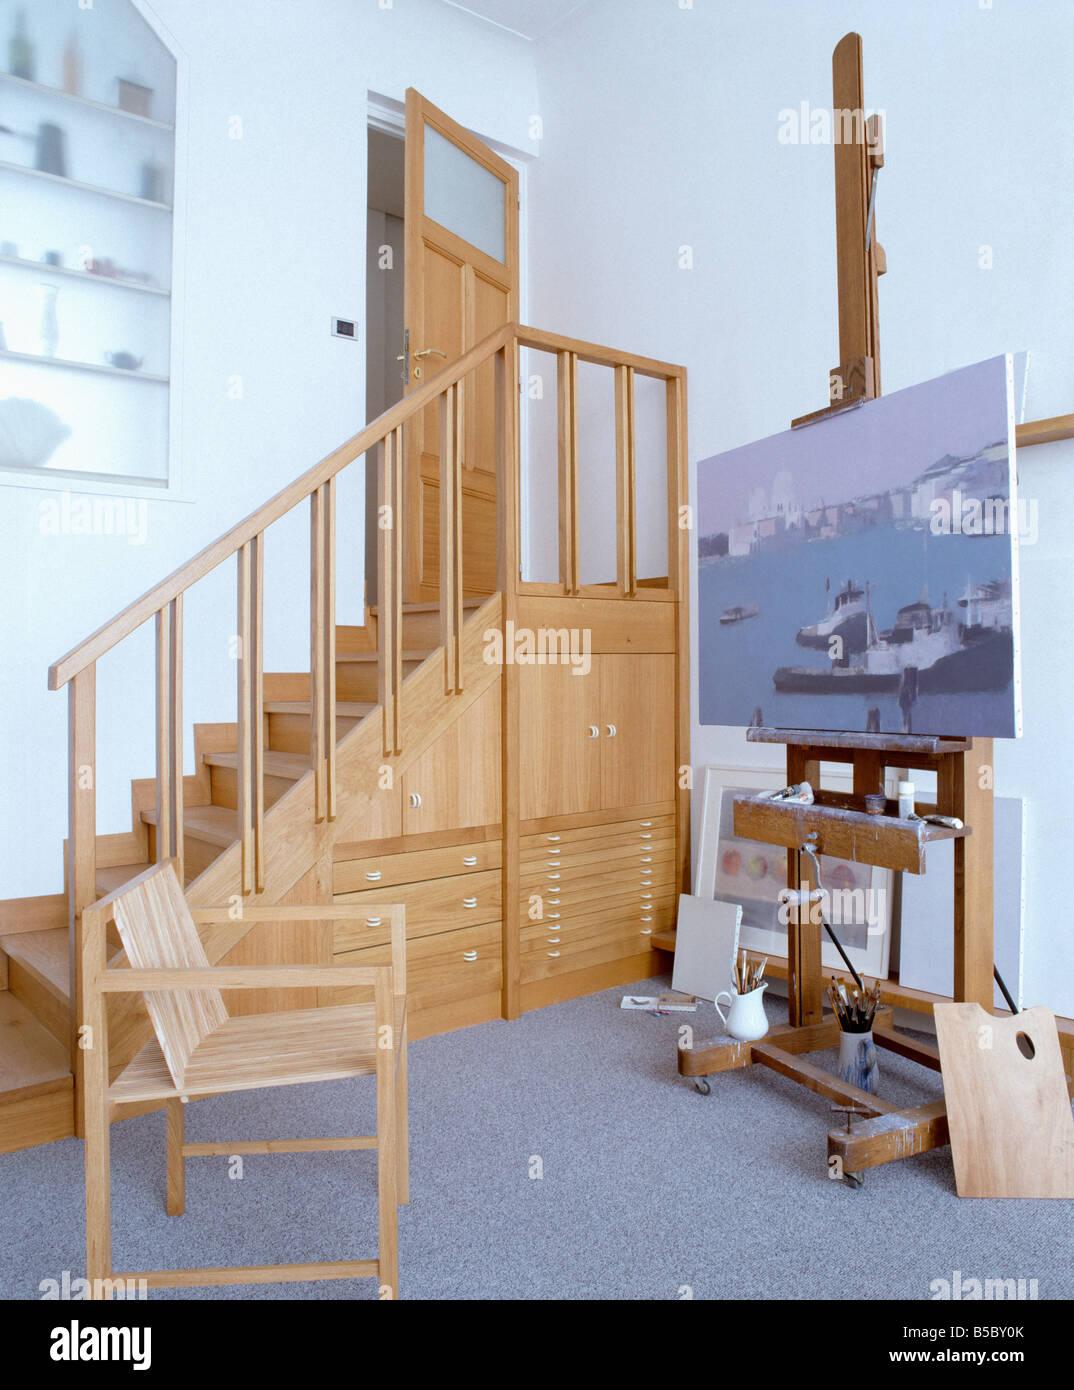 Escalier En Bois Avec Rangement seascape peinture sur chevalet dans l'atelier de l'artiste